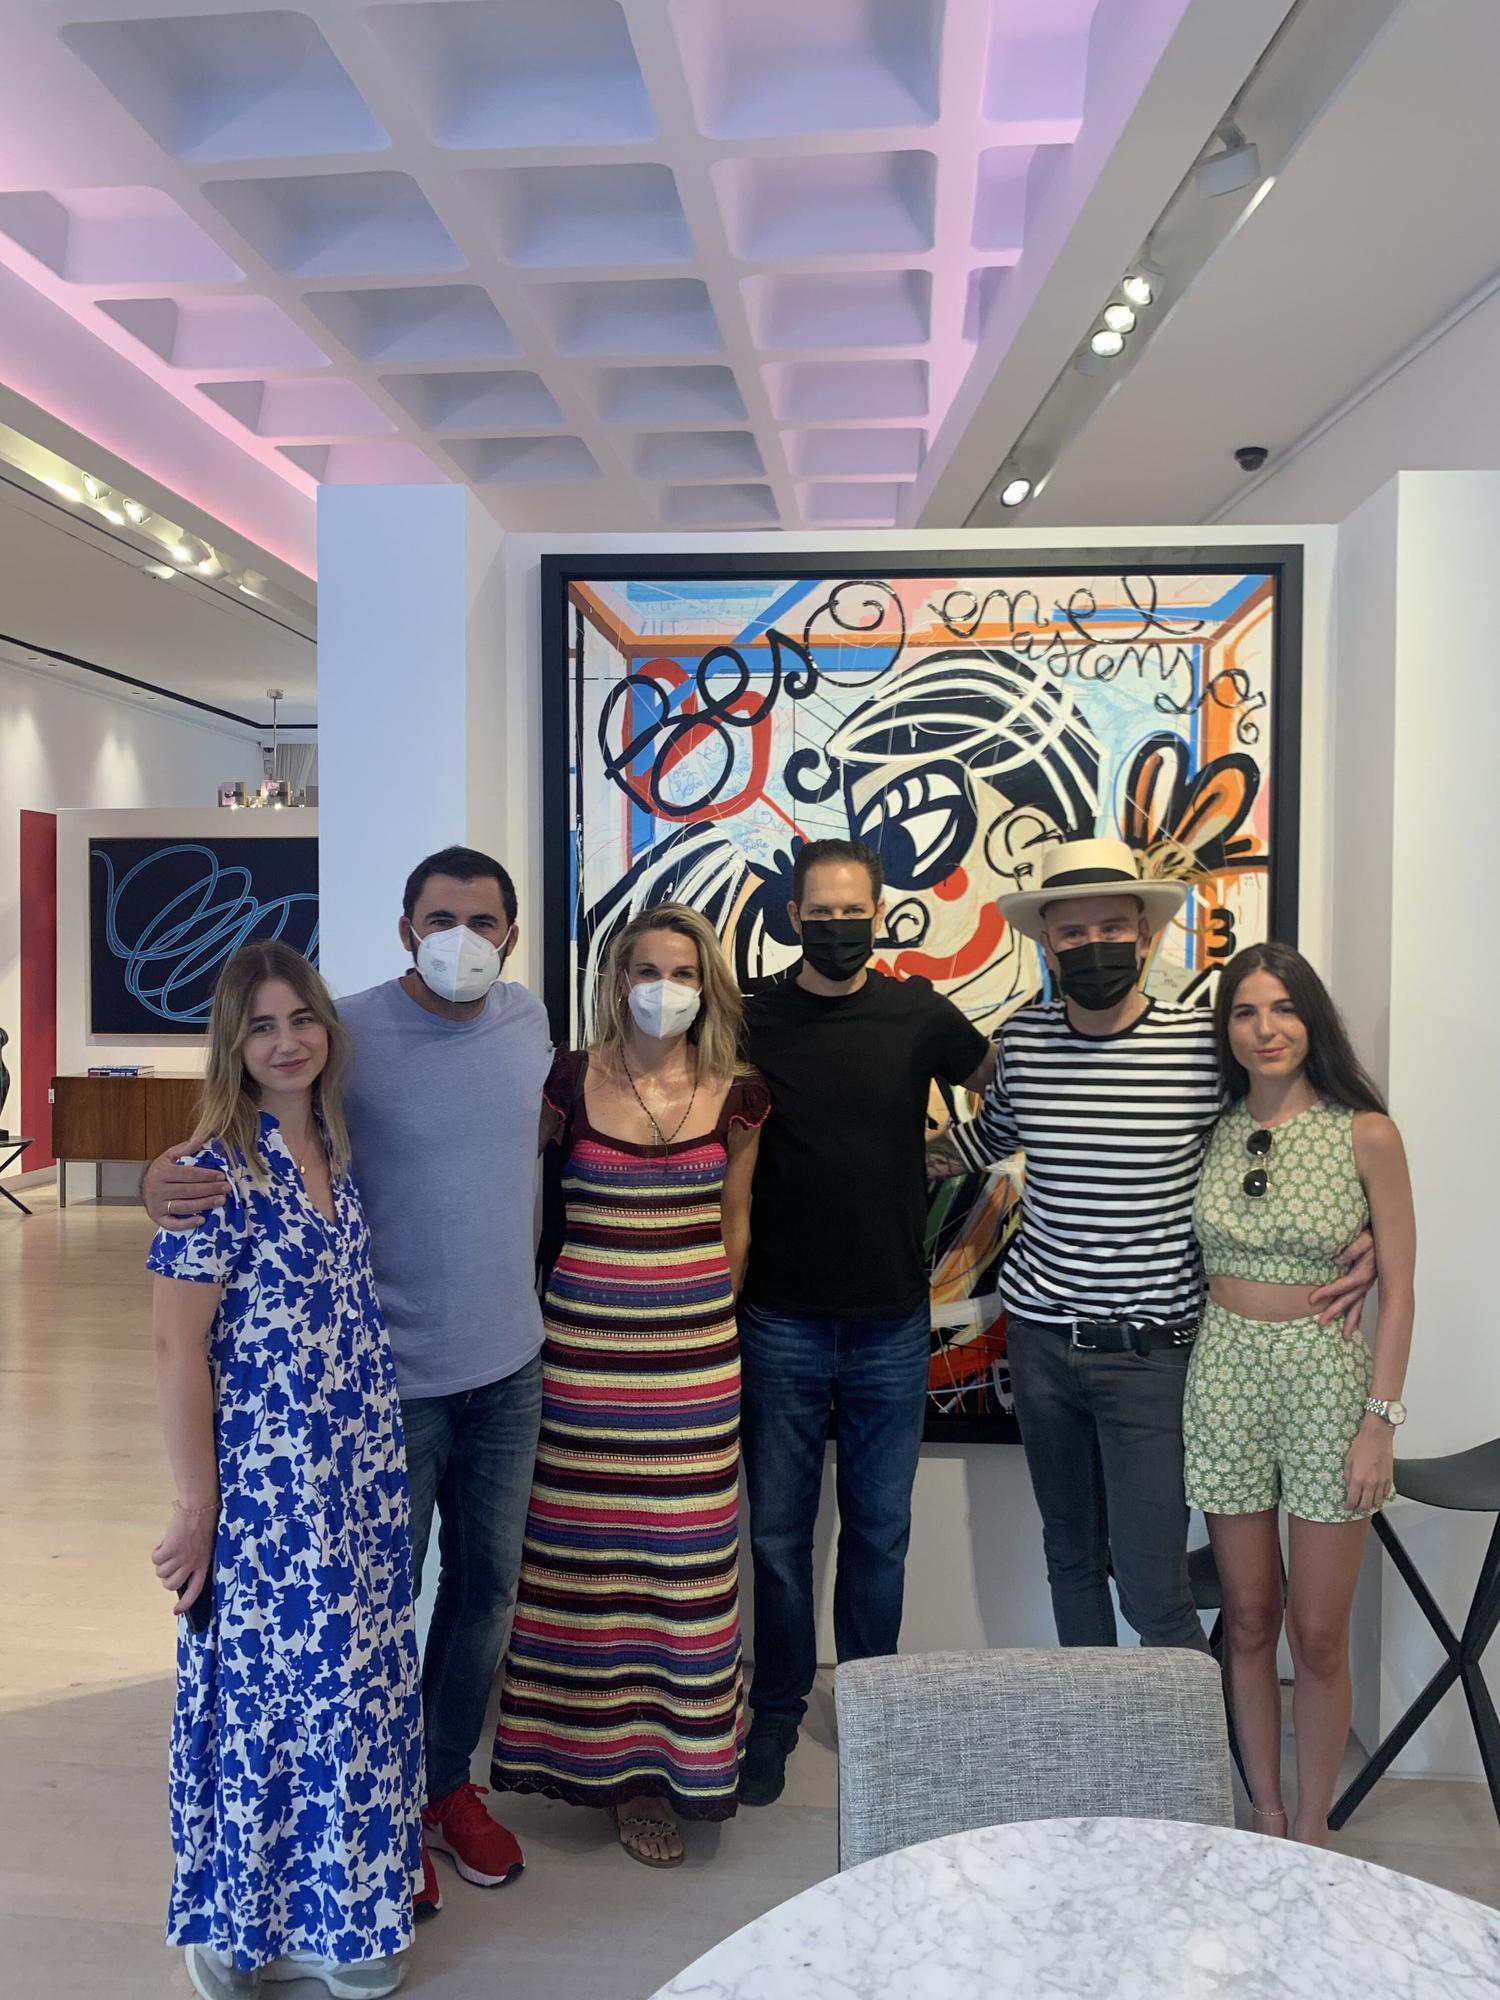 Miguel Caravaca visita al coleccionista Drew Aaron en la Gallery Red, en Mallorca